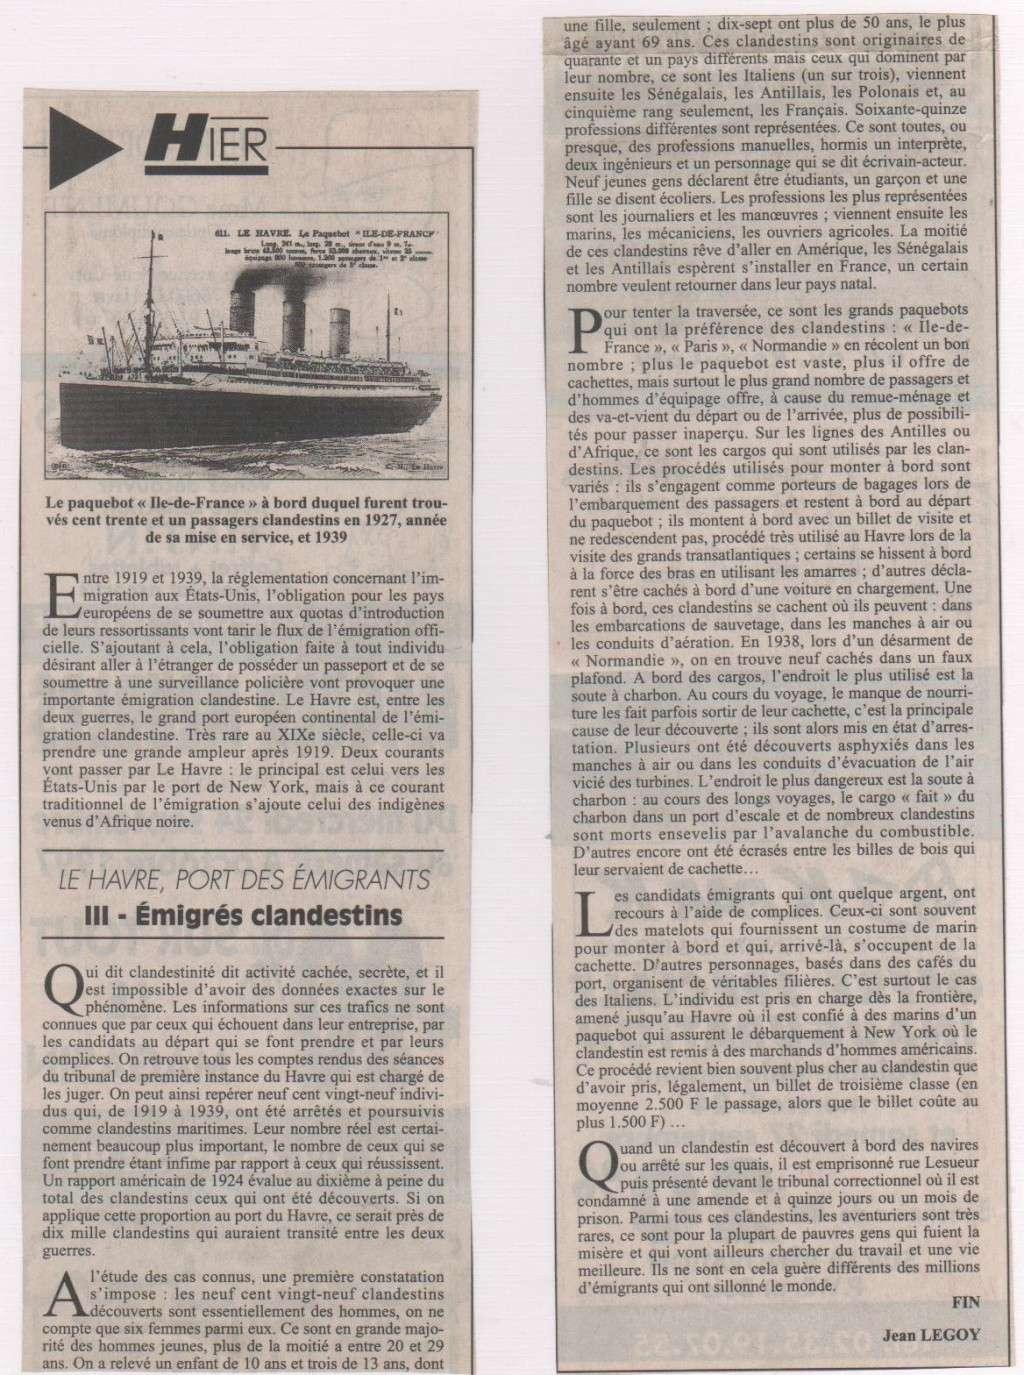 Hier, Le Havre par Jean LEGOY - Page 3 Le_hav13